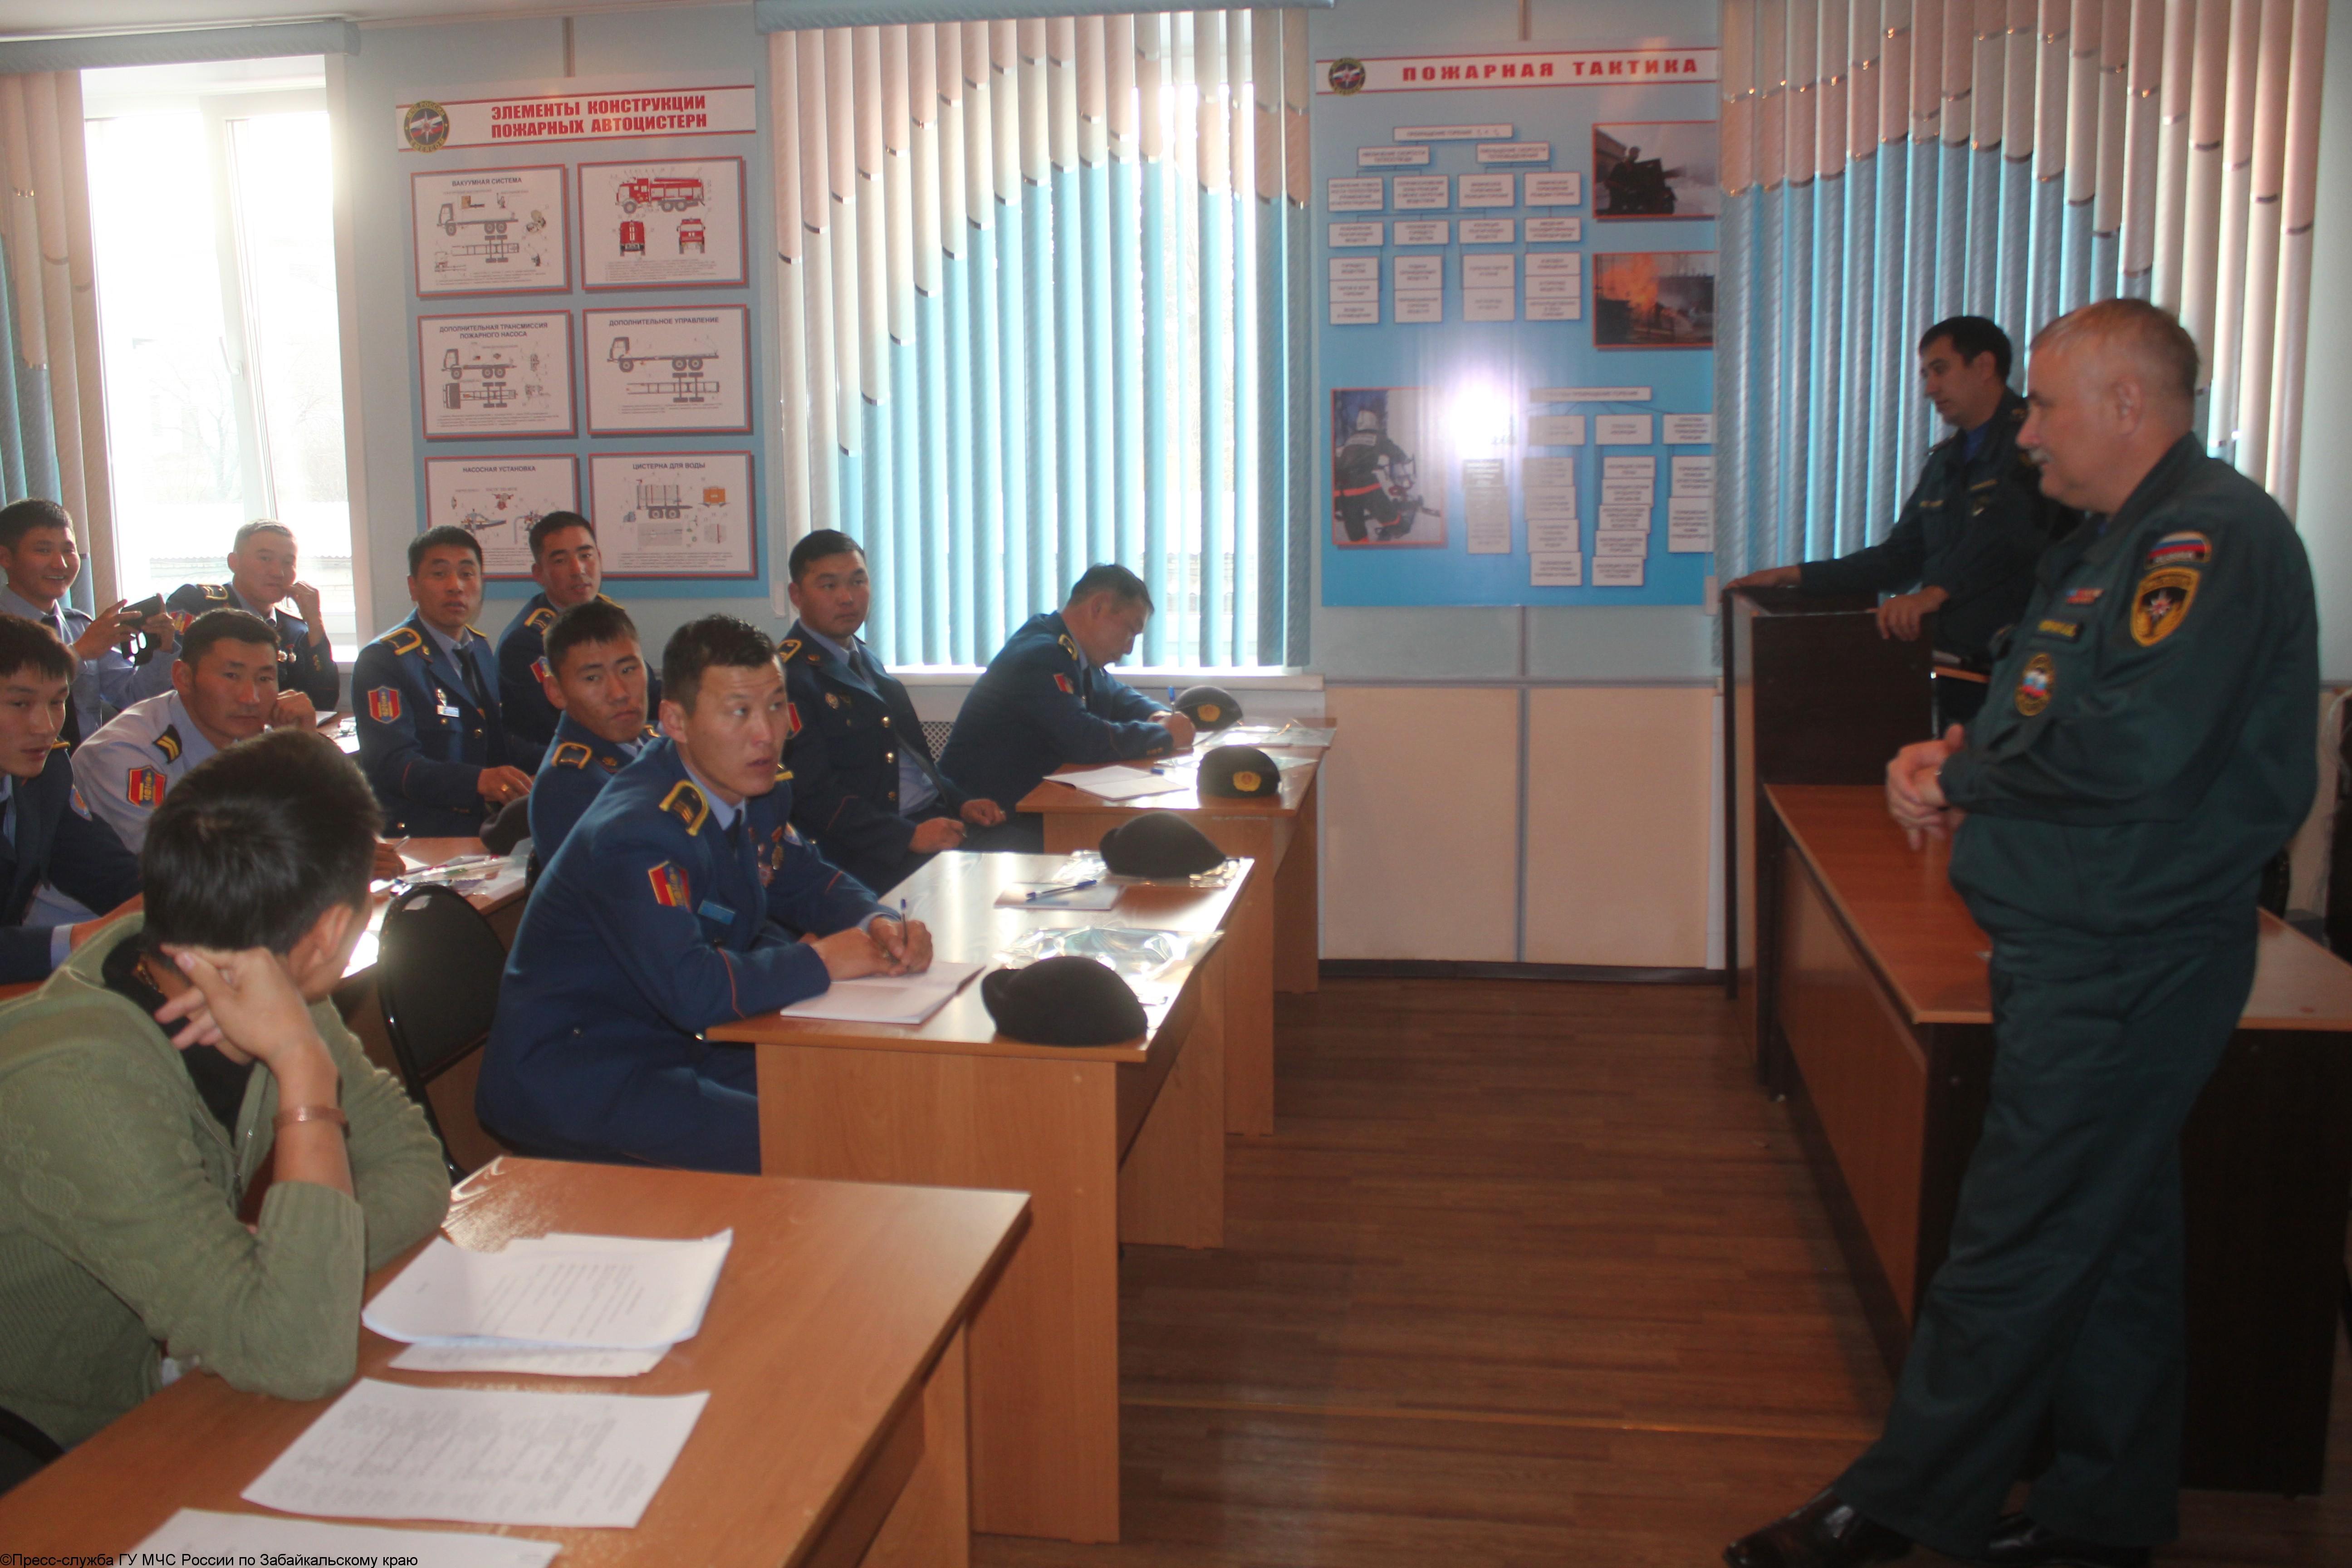 Учебный сбор спасателей Монголии в Главном управлении МЧС России по Забайкальскому краю 21-28 октября 2013г.